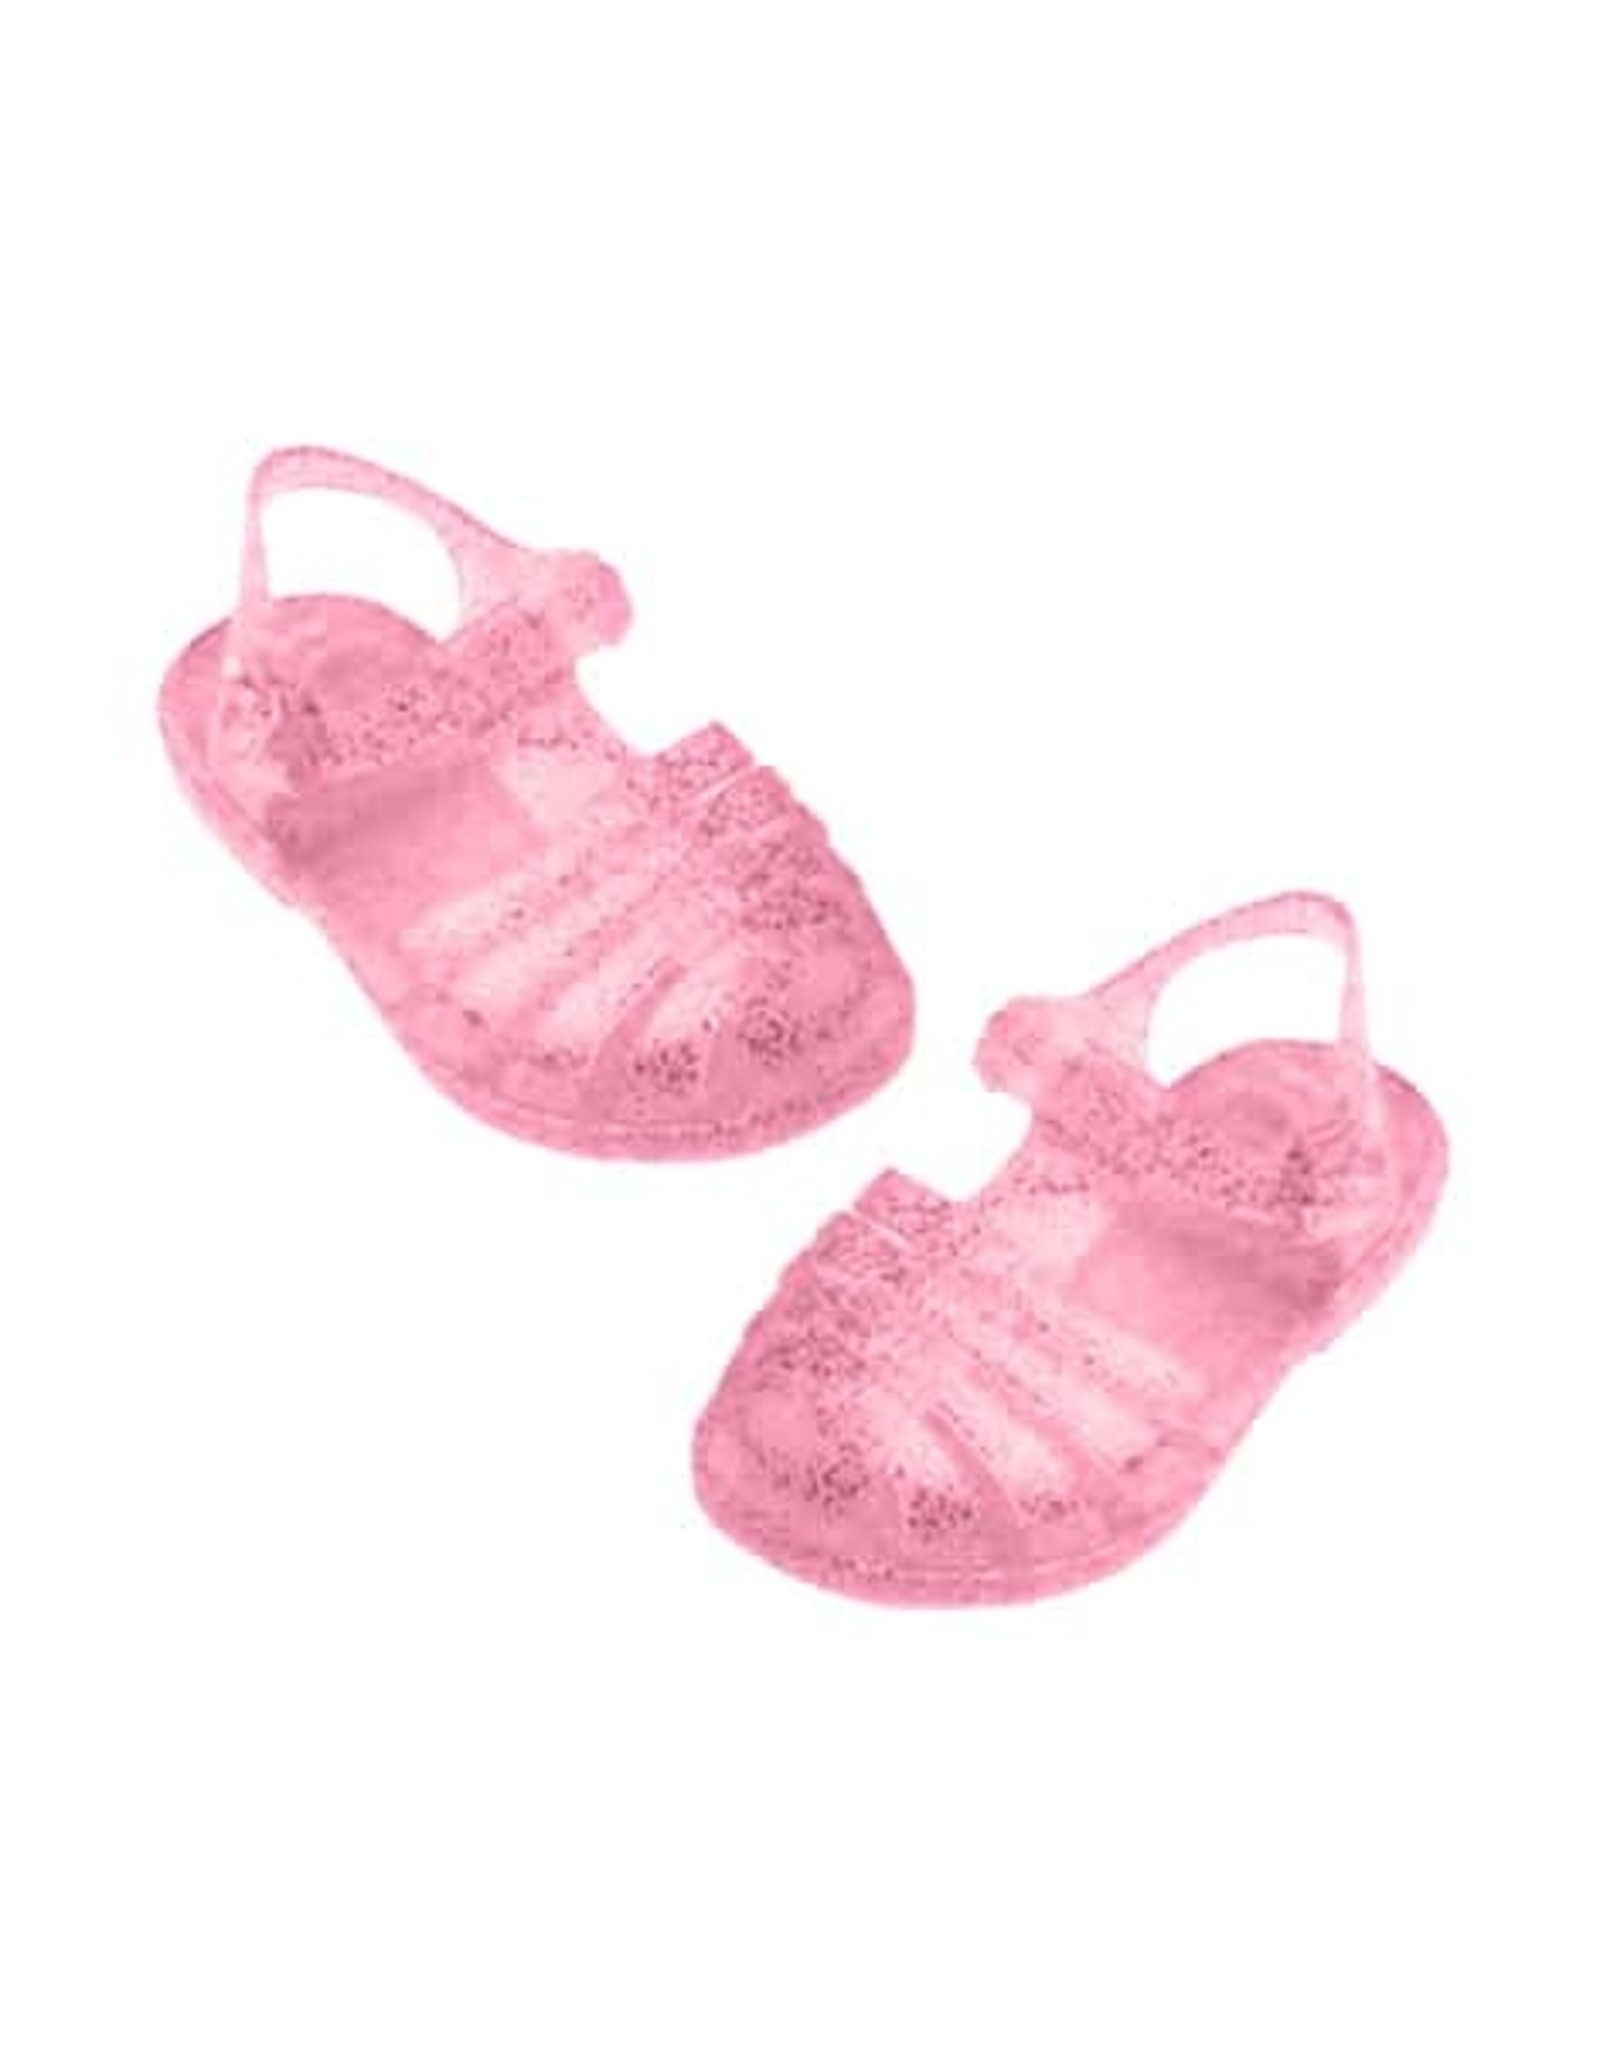 Paola Reina Sandales de plage SUN pour poupée - rose paillettes